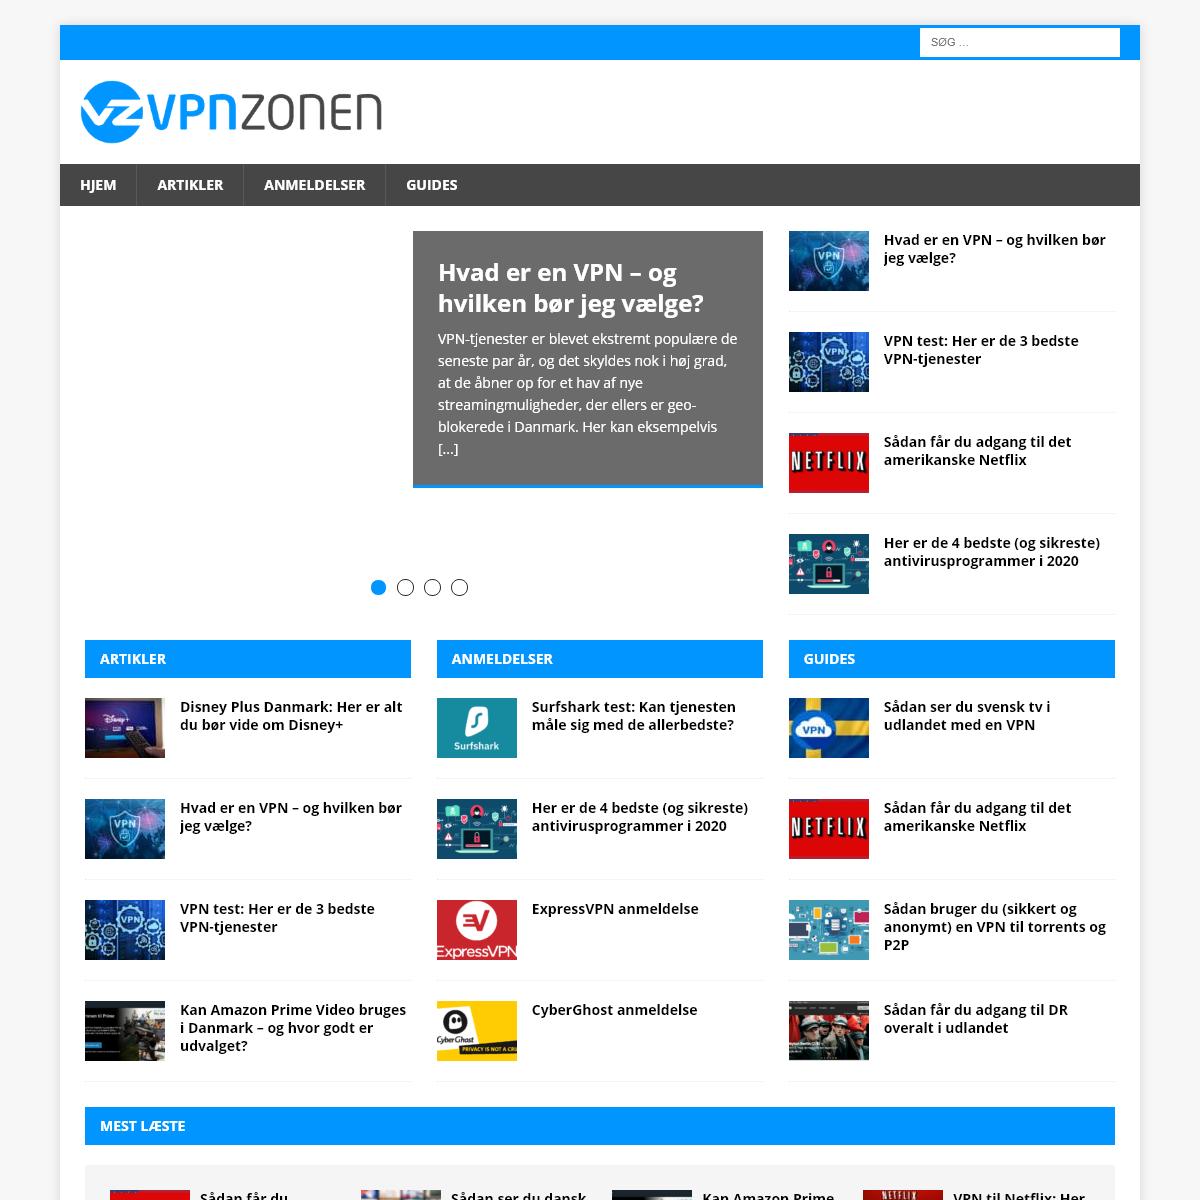 VPNzonen.dk - VPN nyheder, anmeldelser og guides